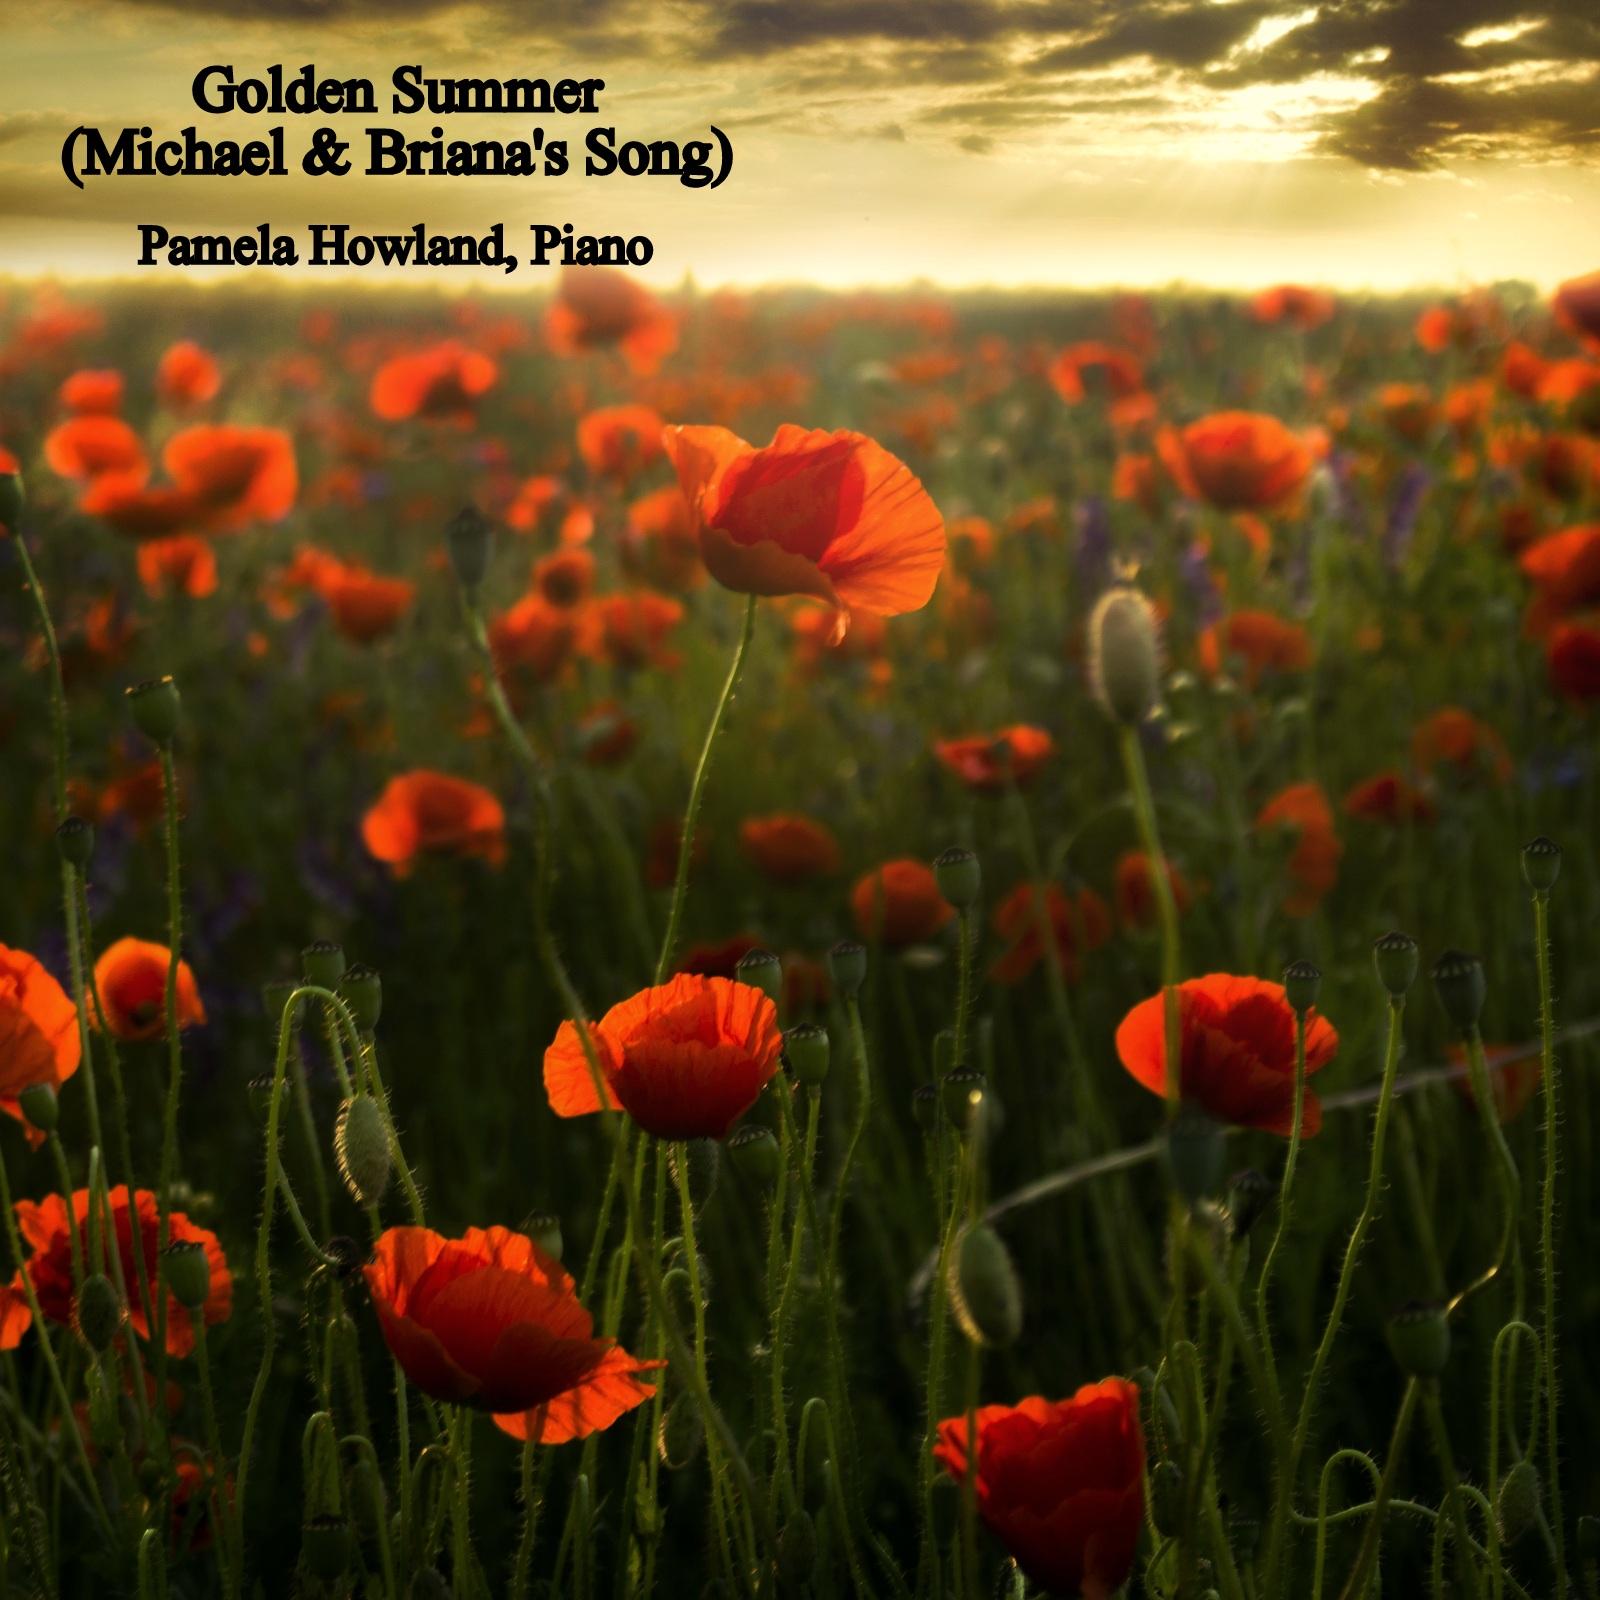 Golden Summer CD cver.jpg